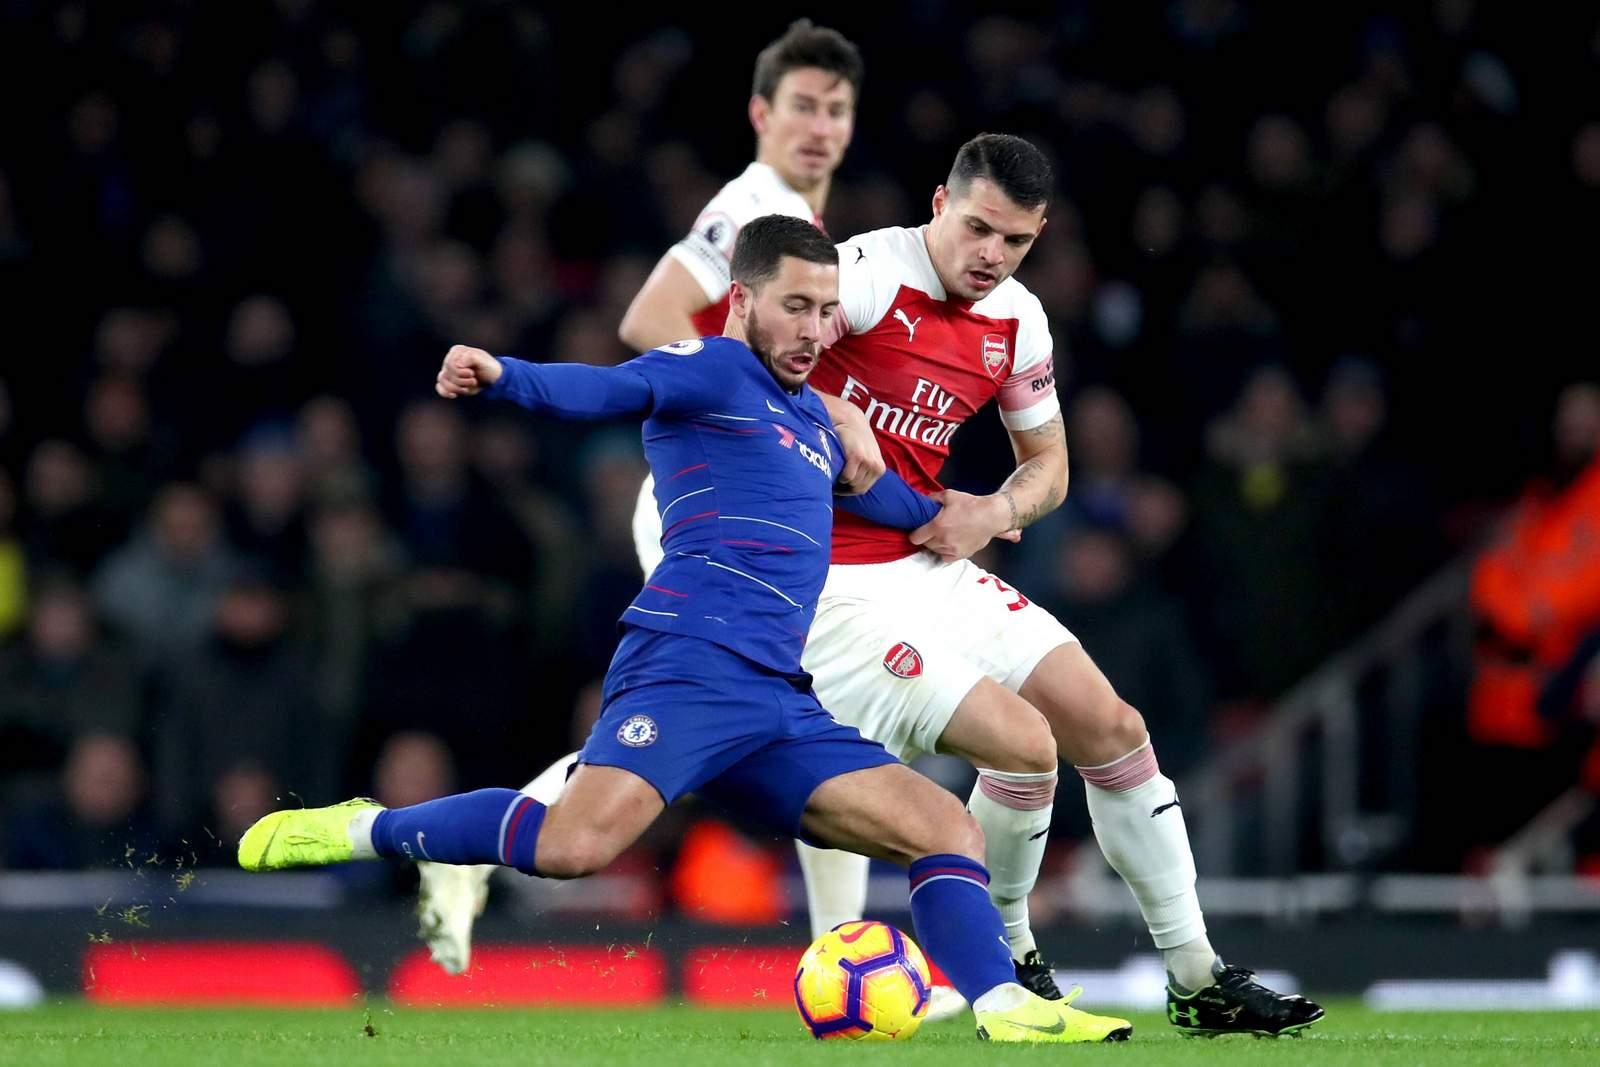 Kann Granit Xhaka (r.) Eden Hazard stoppen? Jetzt auf Chelsea gegen Arsenal wetten.